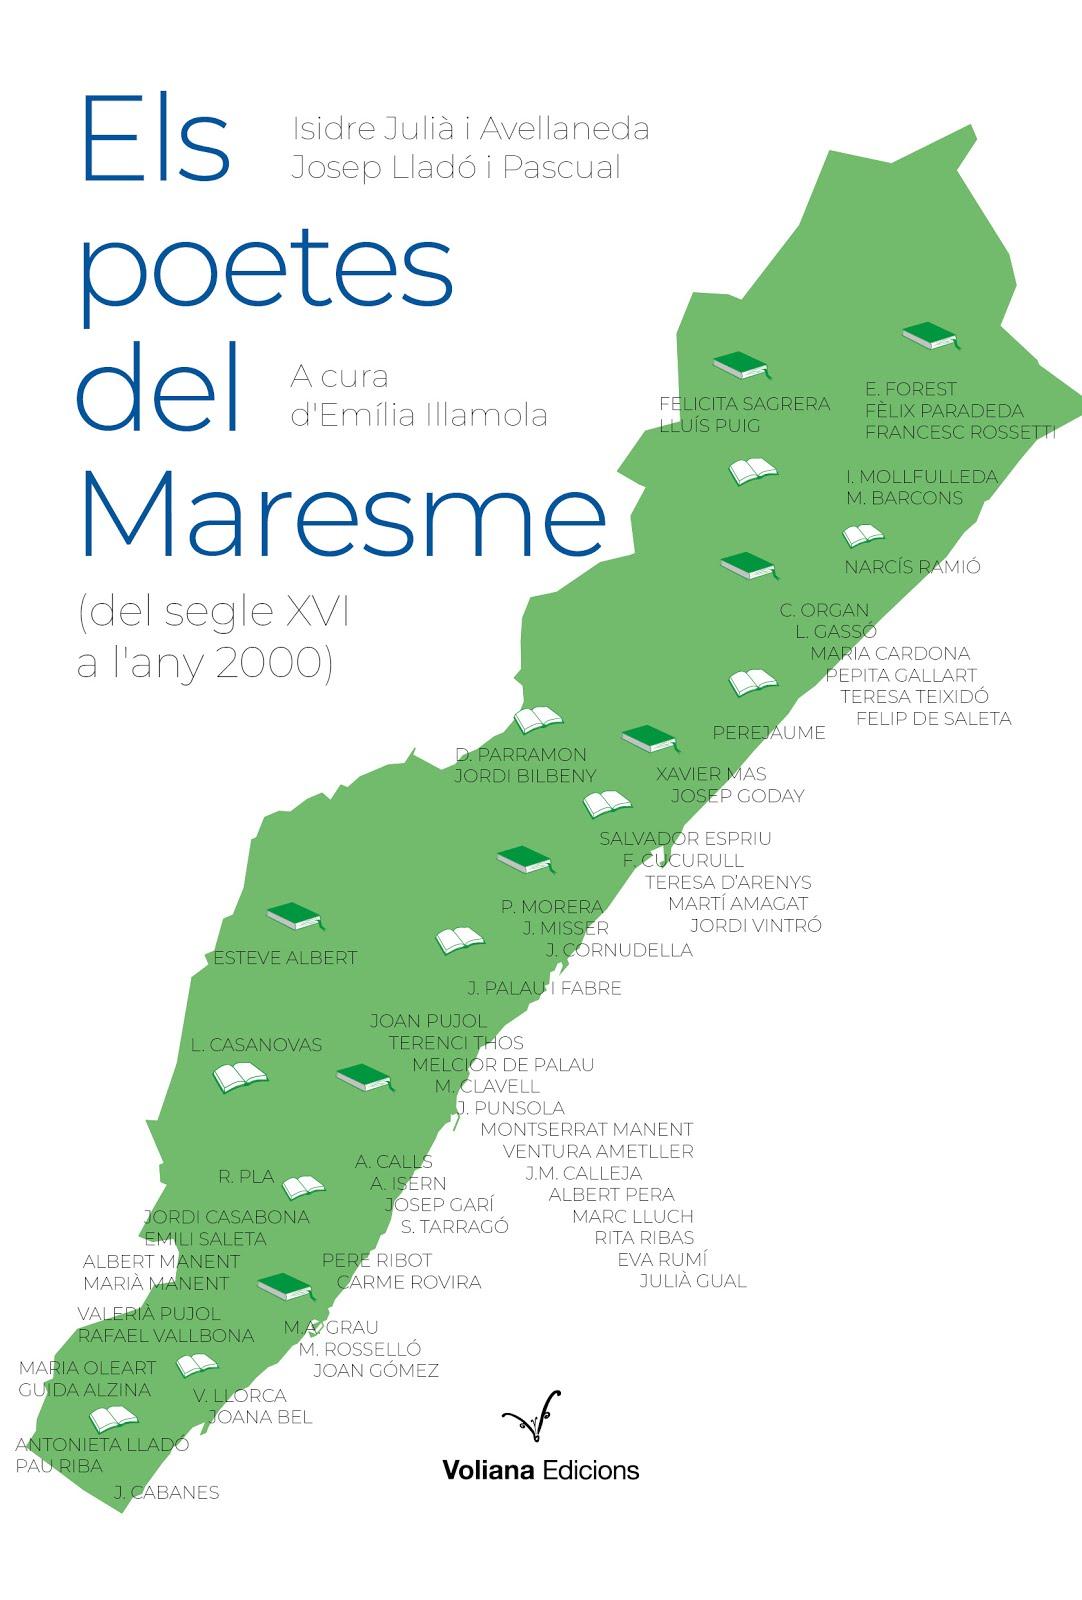 Els poetes del Maresme